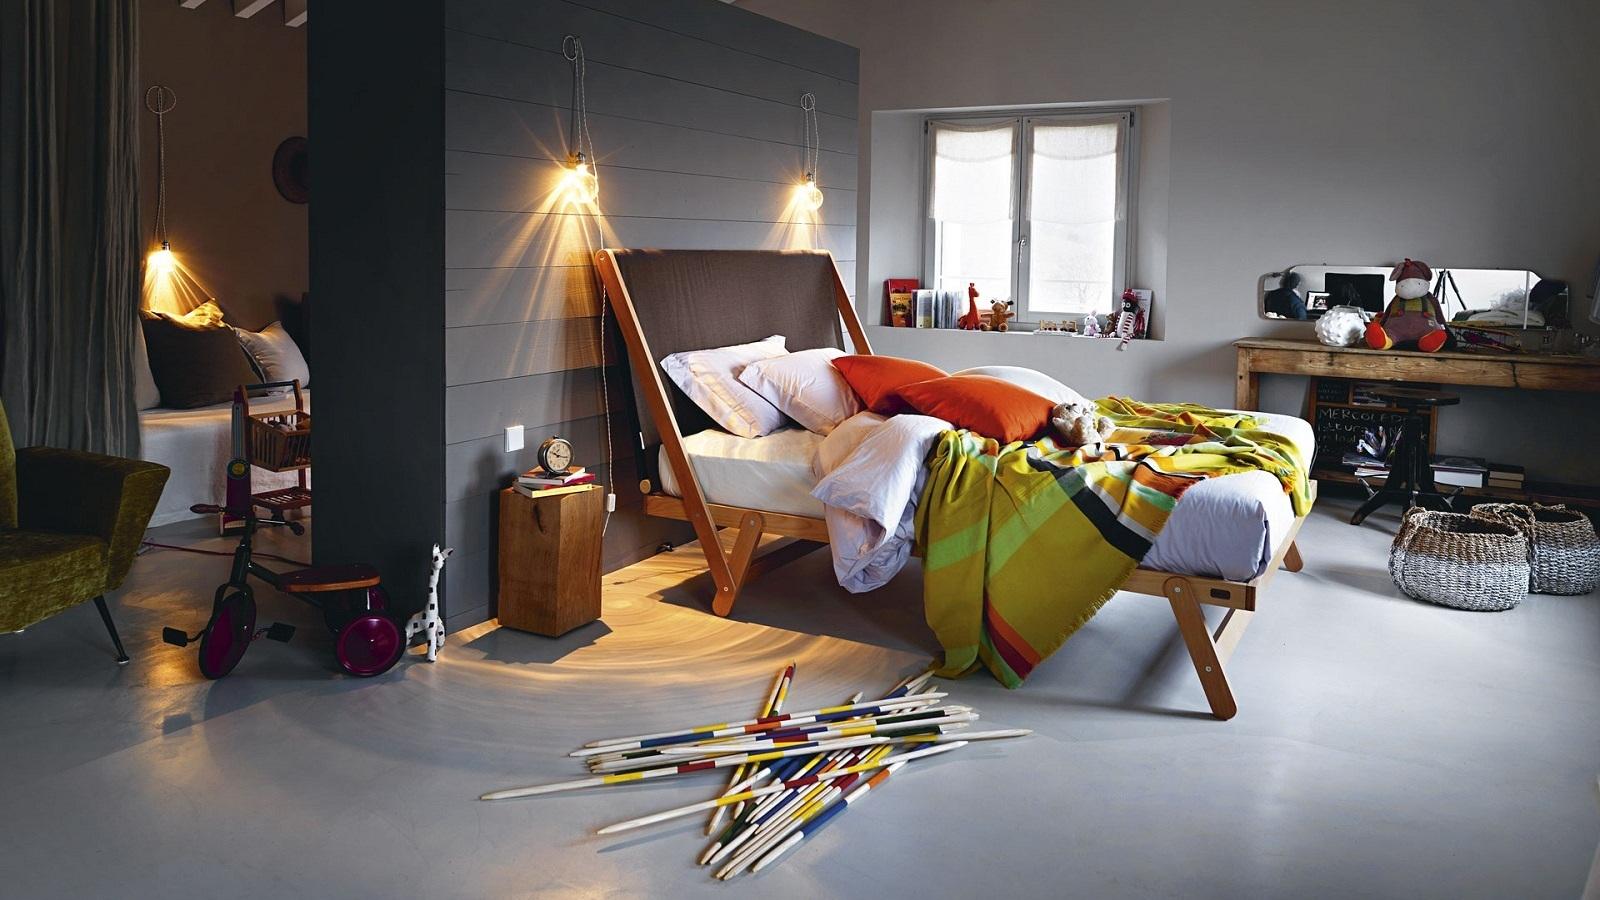 Camera Per Ospiti : Come creare una perfetta camera per gli ospiti addessi design